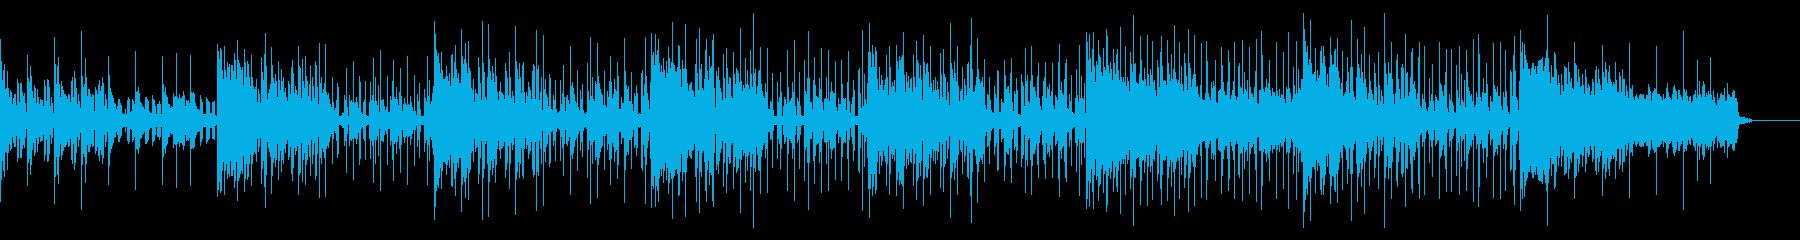 デジタルダークなアンビエントIDMの再生済みの波形